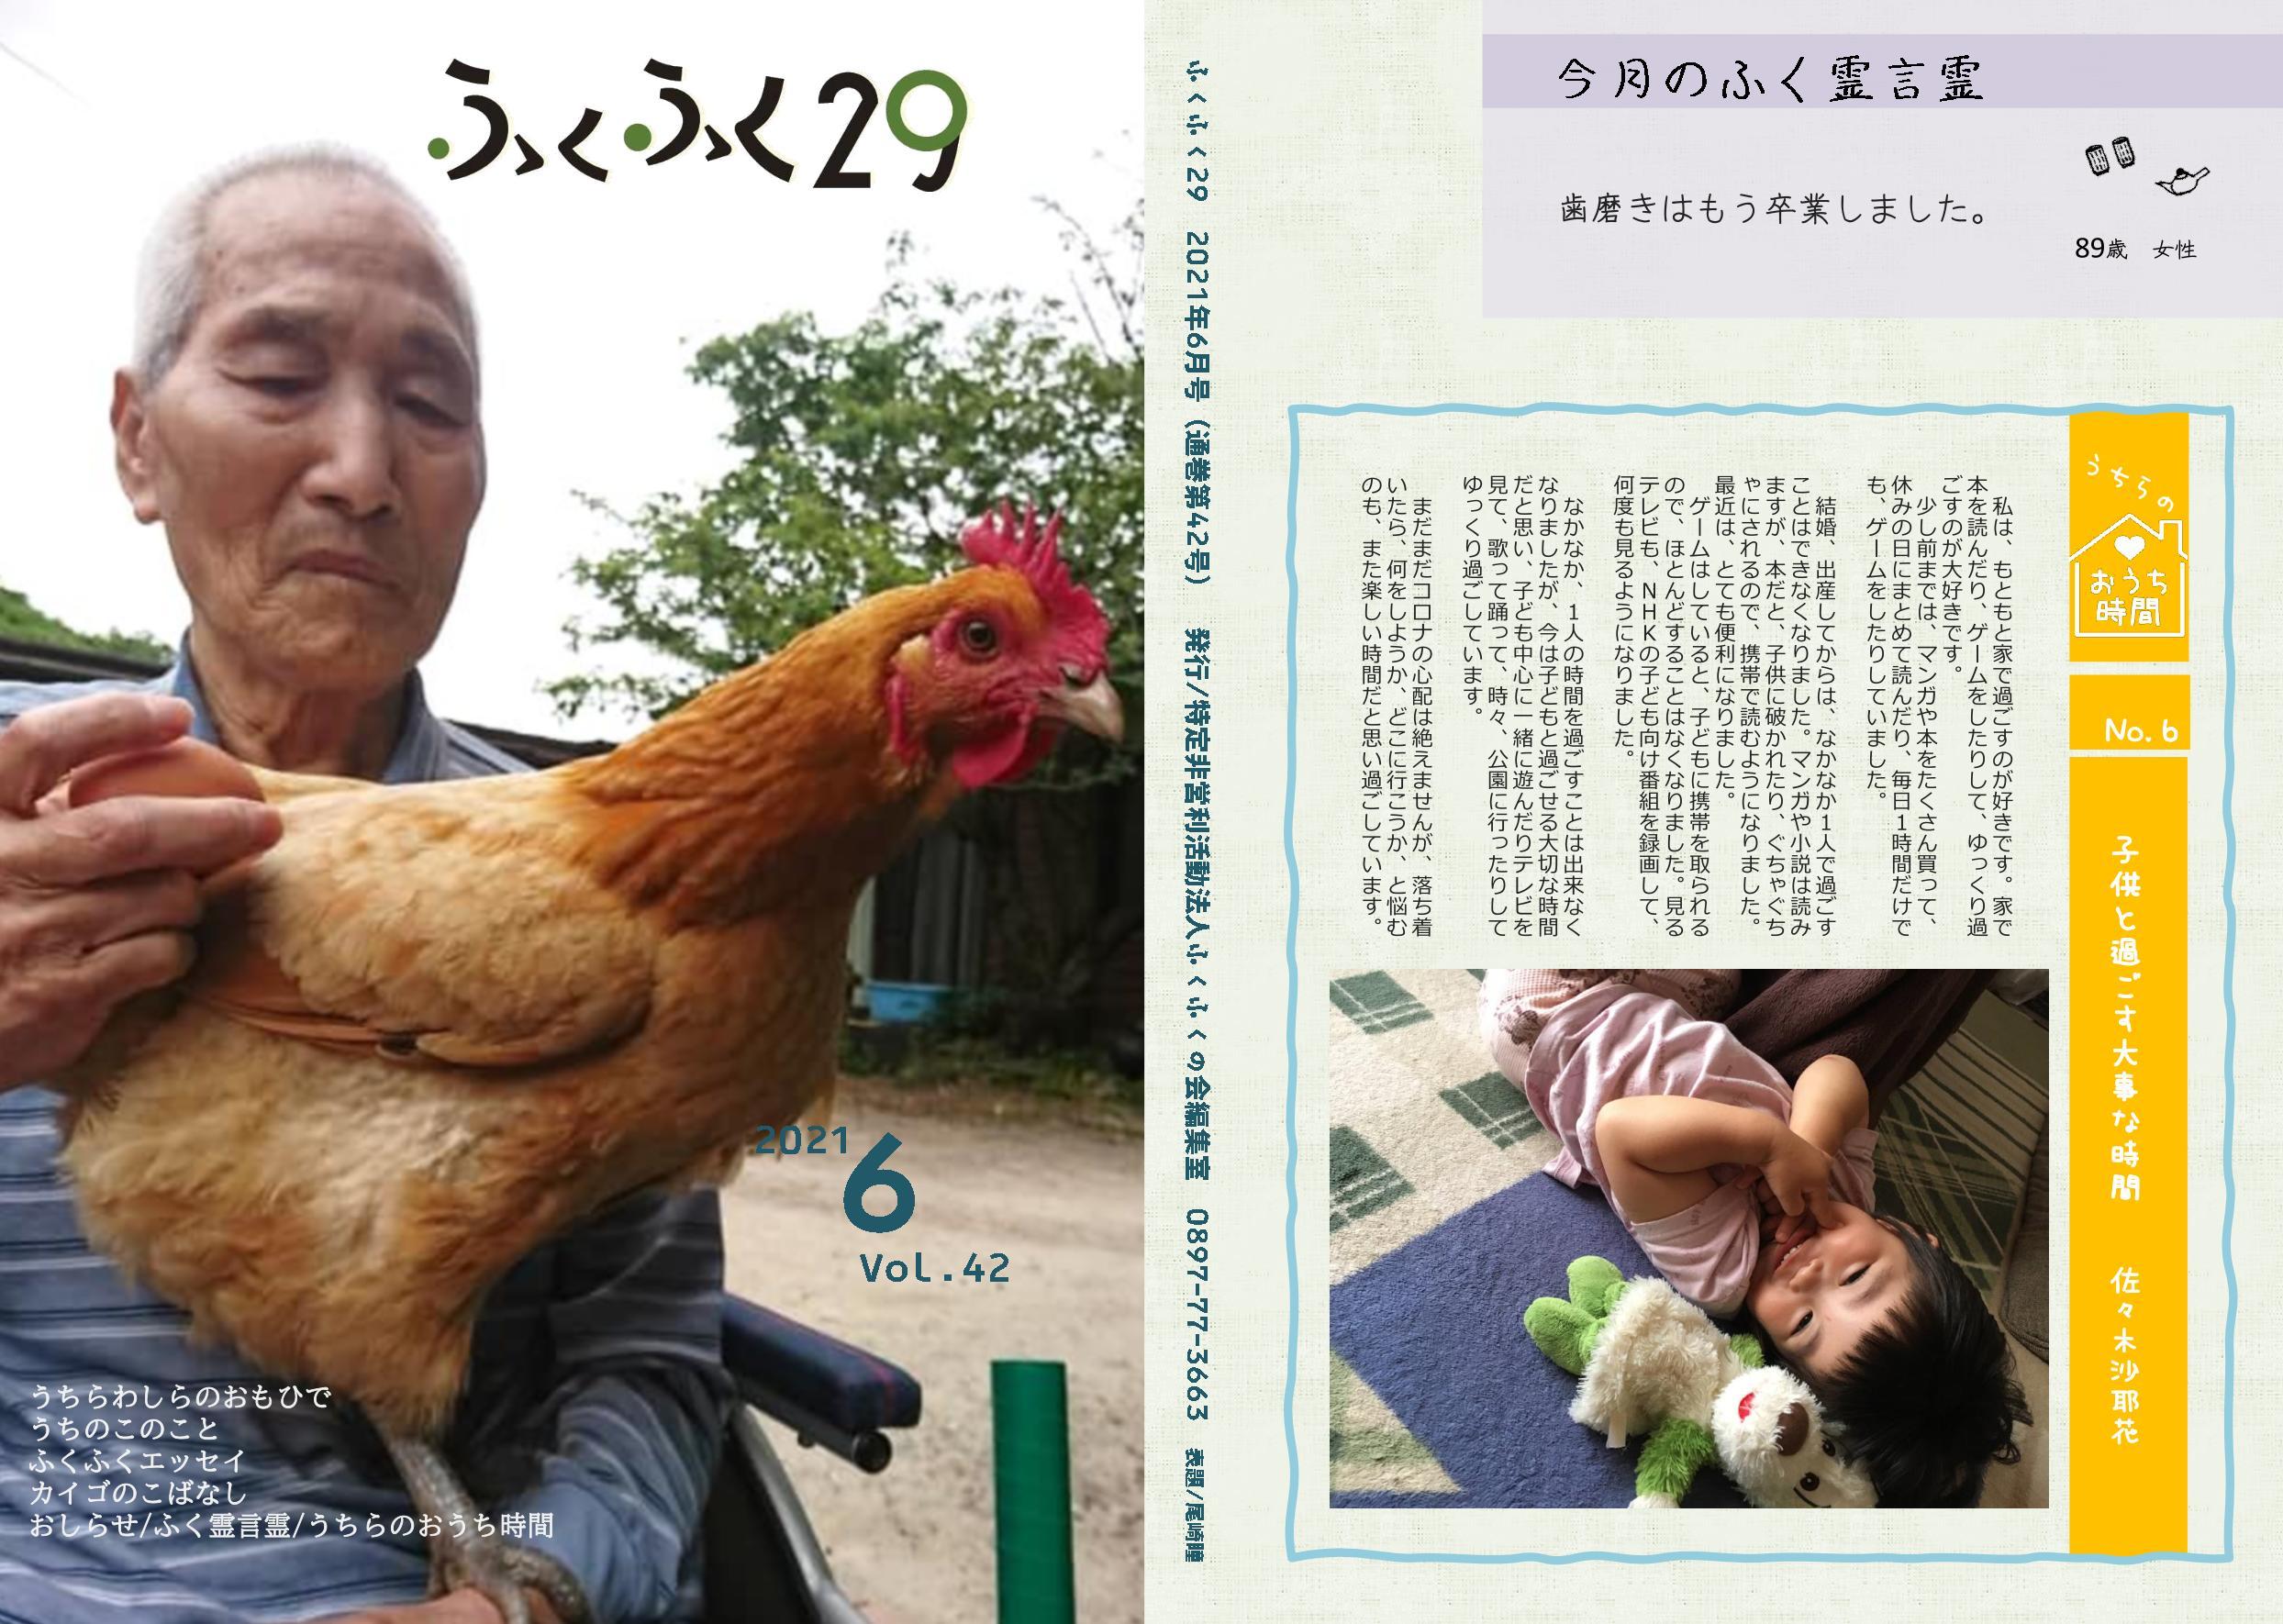 http://fukufukunokai.com/newsletter/images/6%E6%9C%88%E5%8F%B7_cropped_1.jpeg